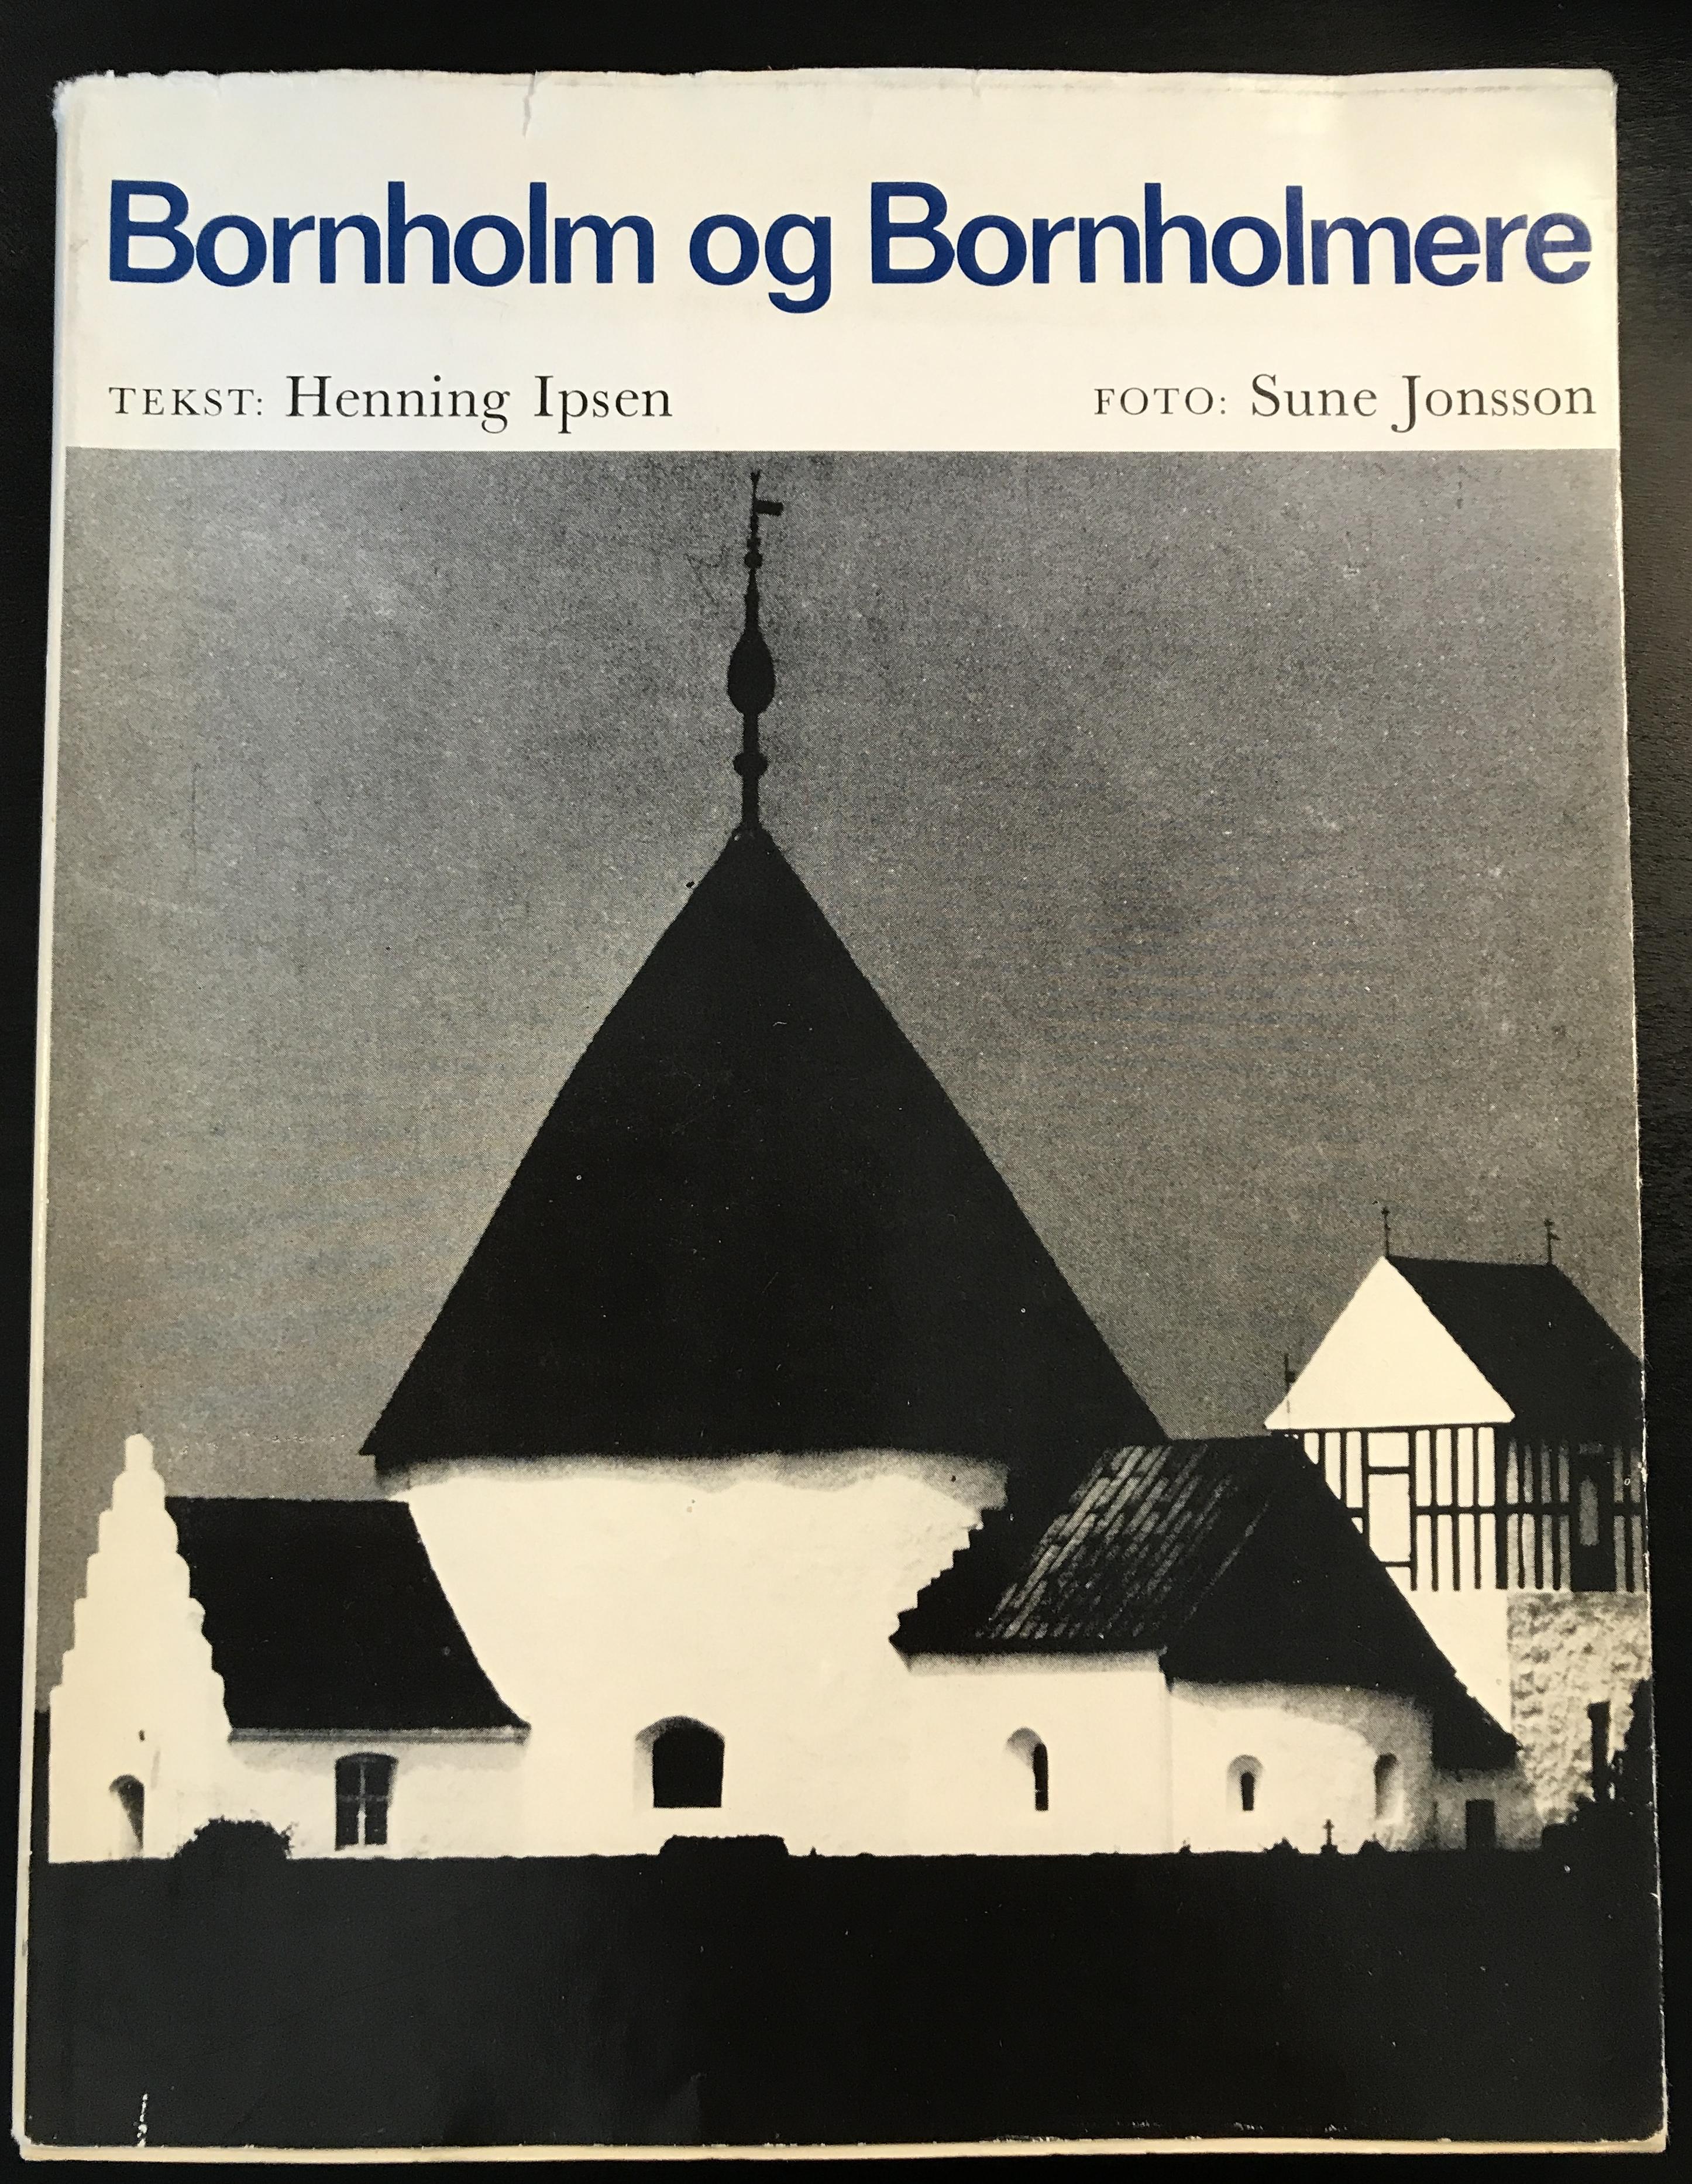 Bornholm og bornholmerne